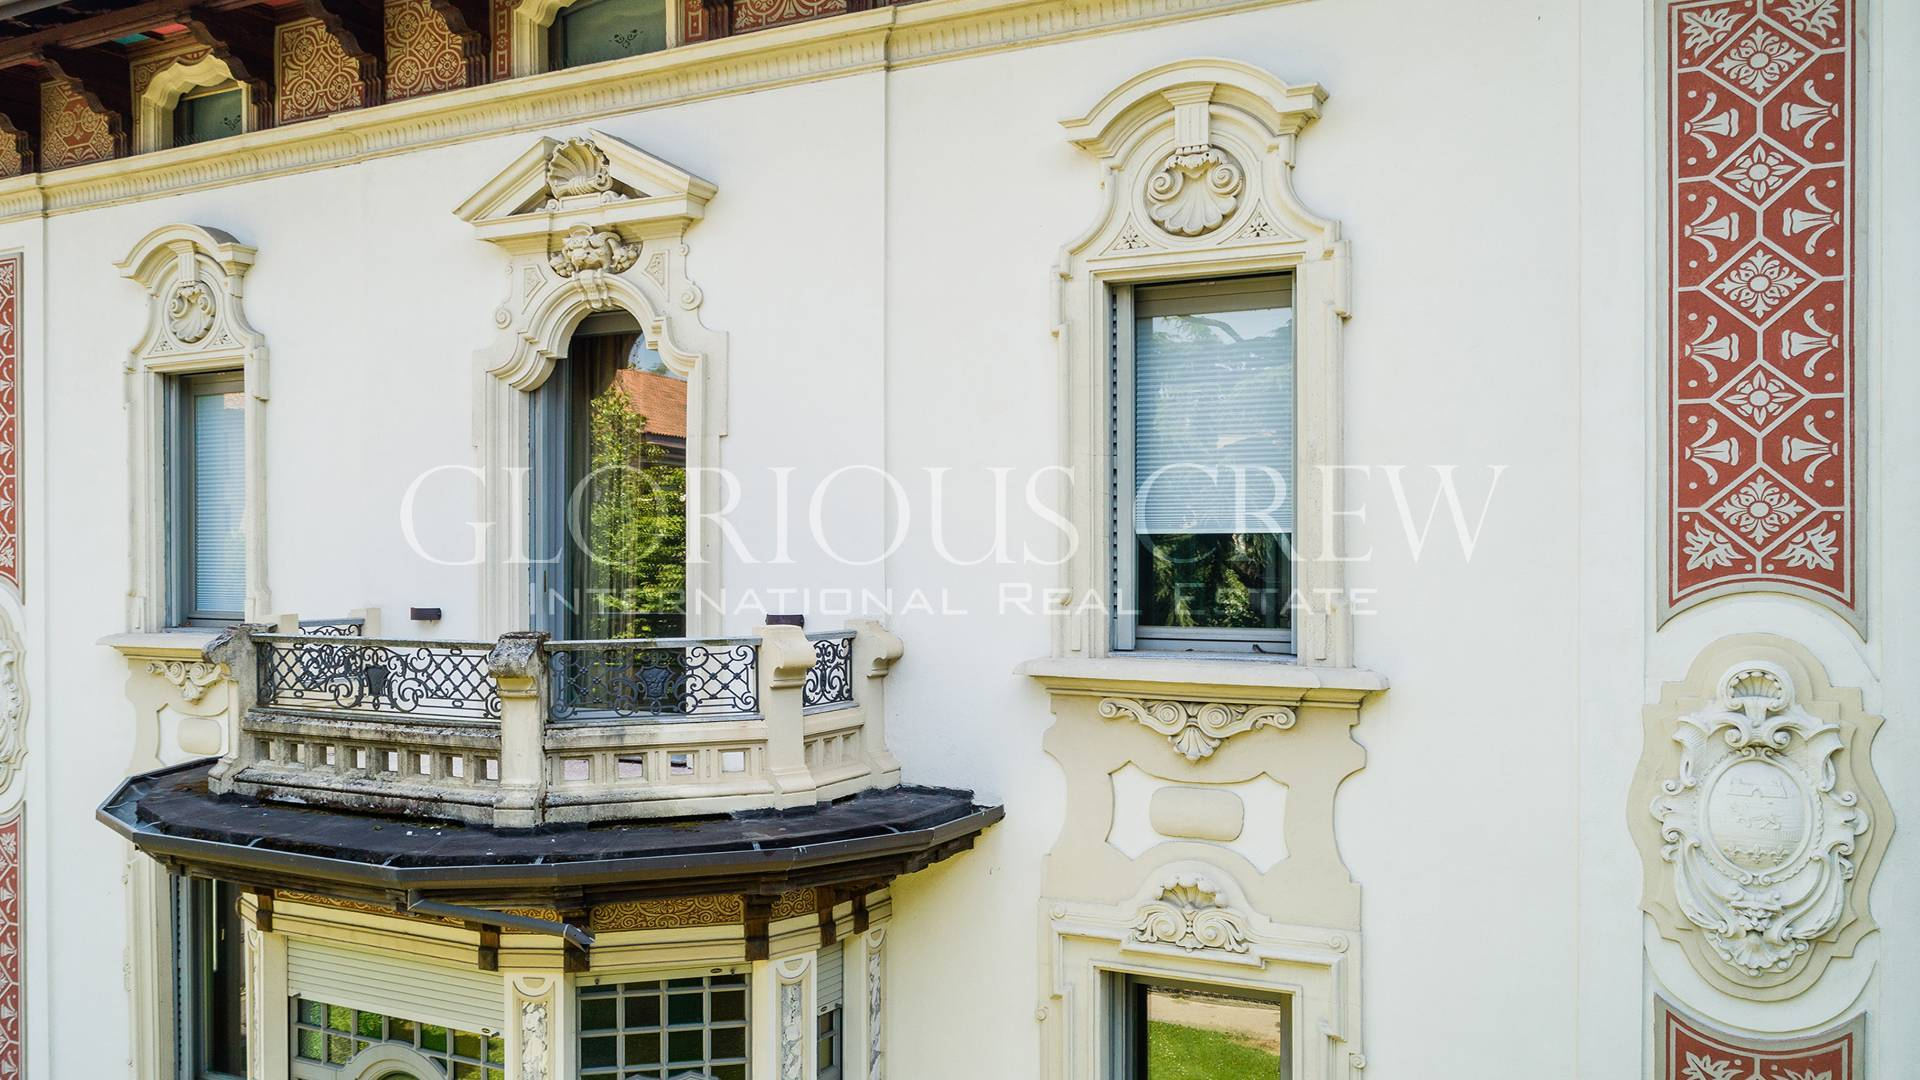 Villa in Vendita a Monza: 5 locali, 350 mq - Foto 3